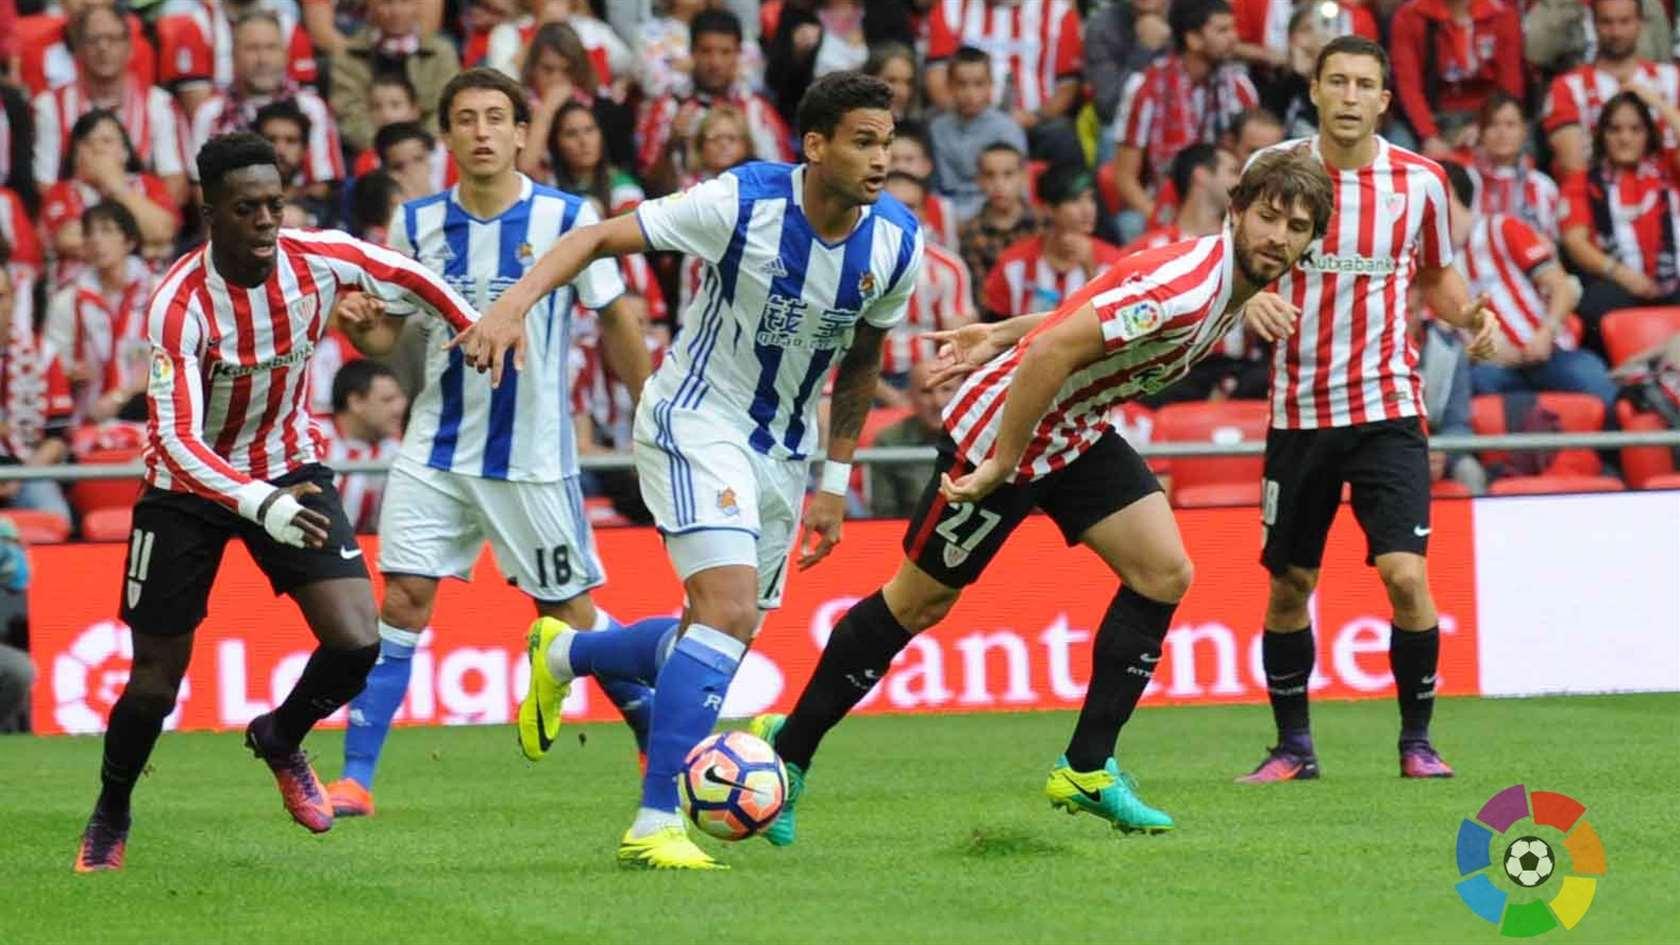 Our goals at San Mamés - Real Sociedad de Football S.A.D.Our goals at San Mamés - 웹